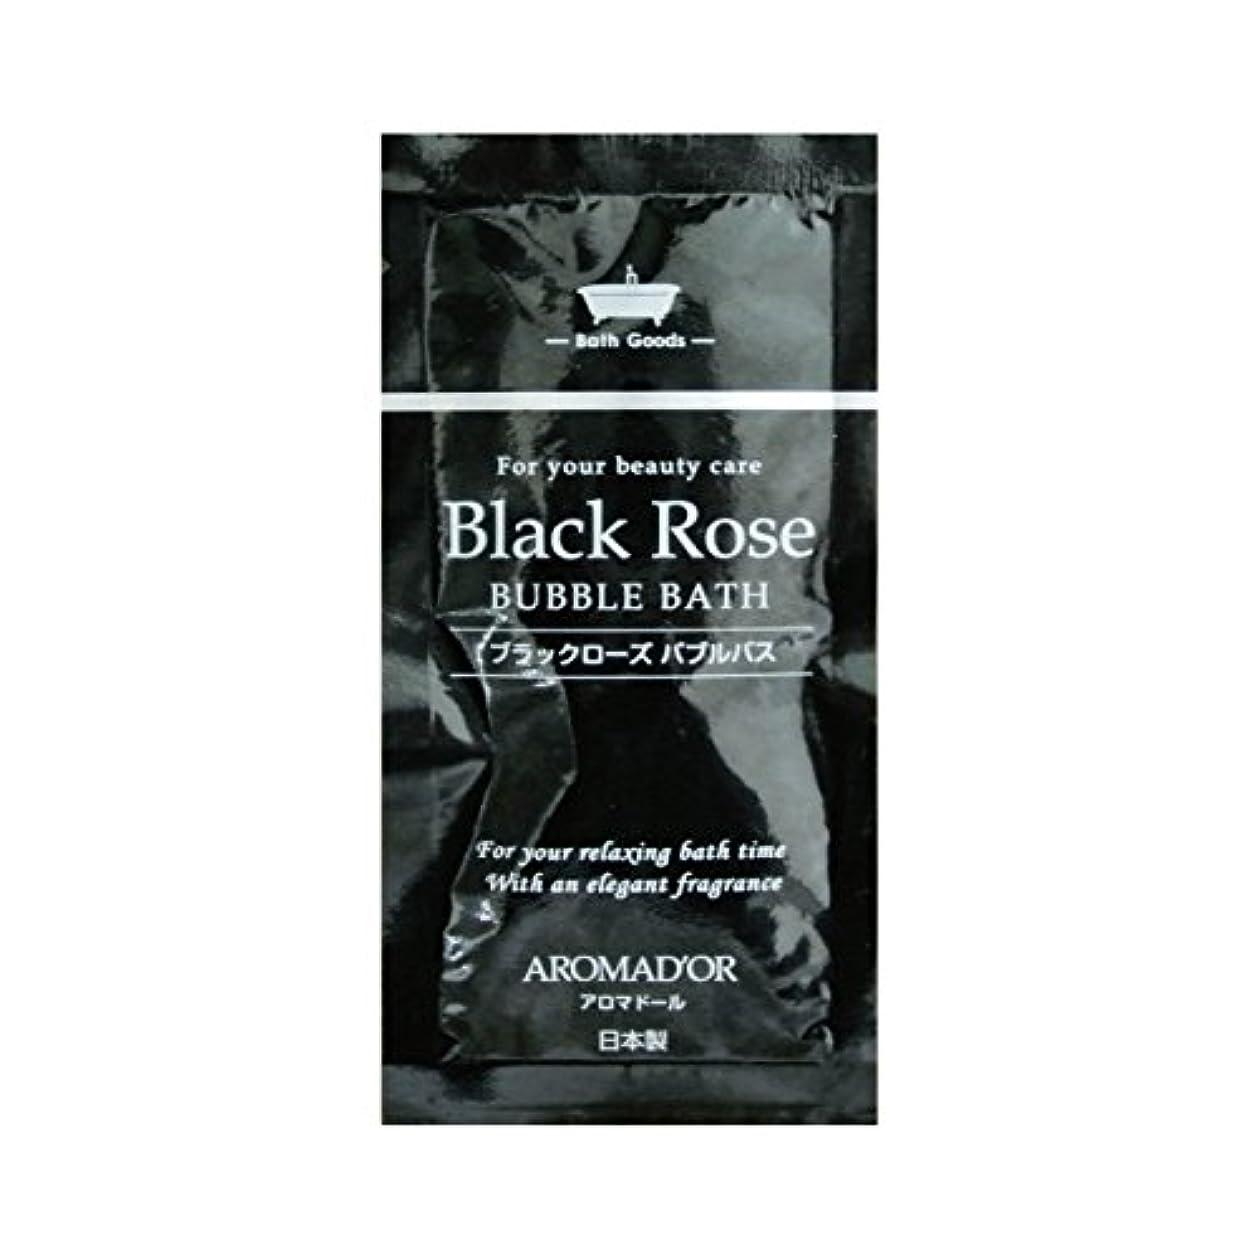 ブルーム冷淡な多様なアロマドール ブラックローズ バブルバス 1000個